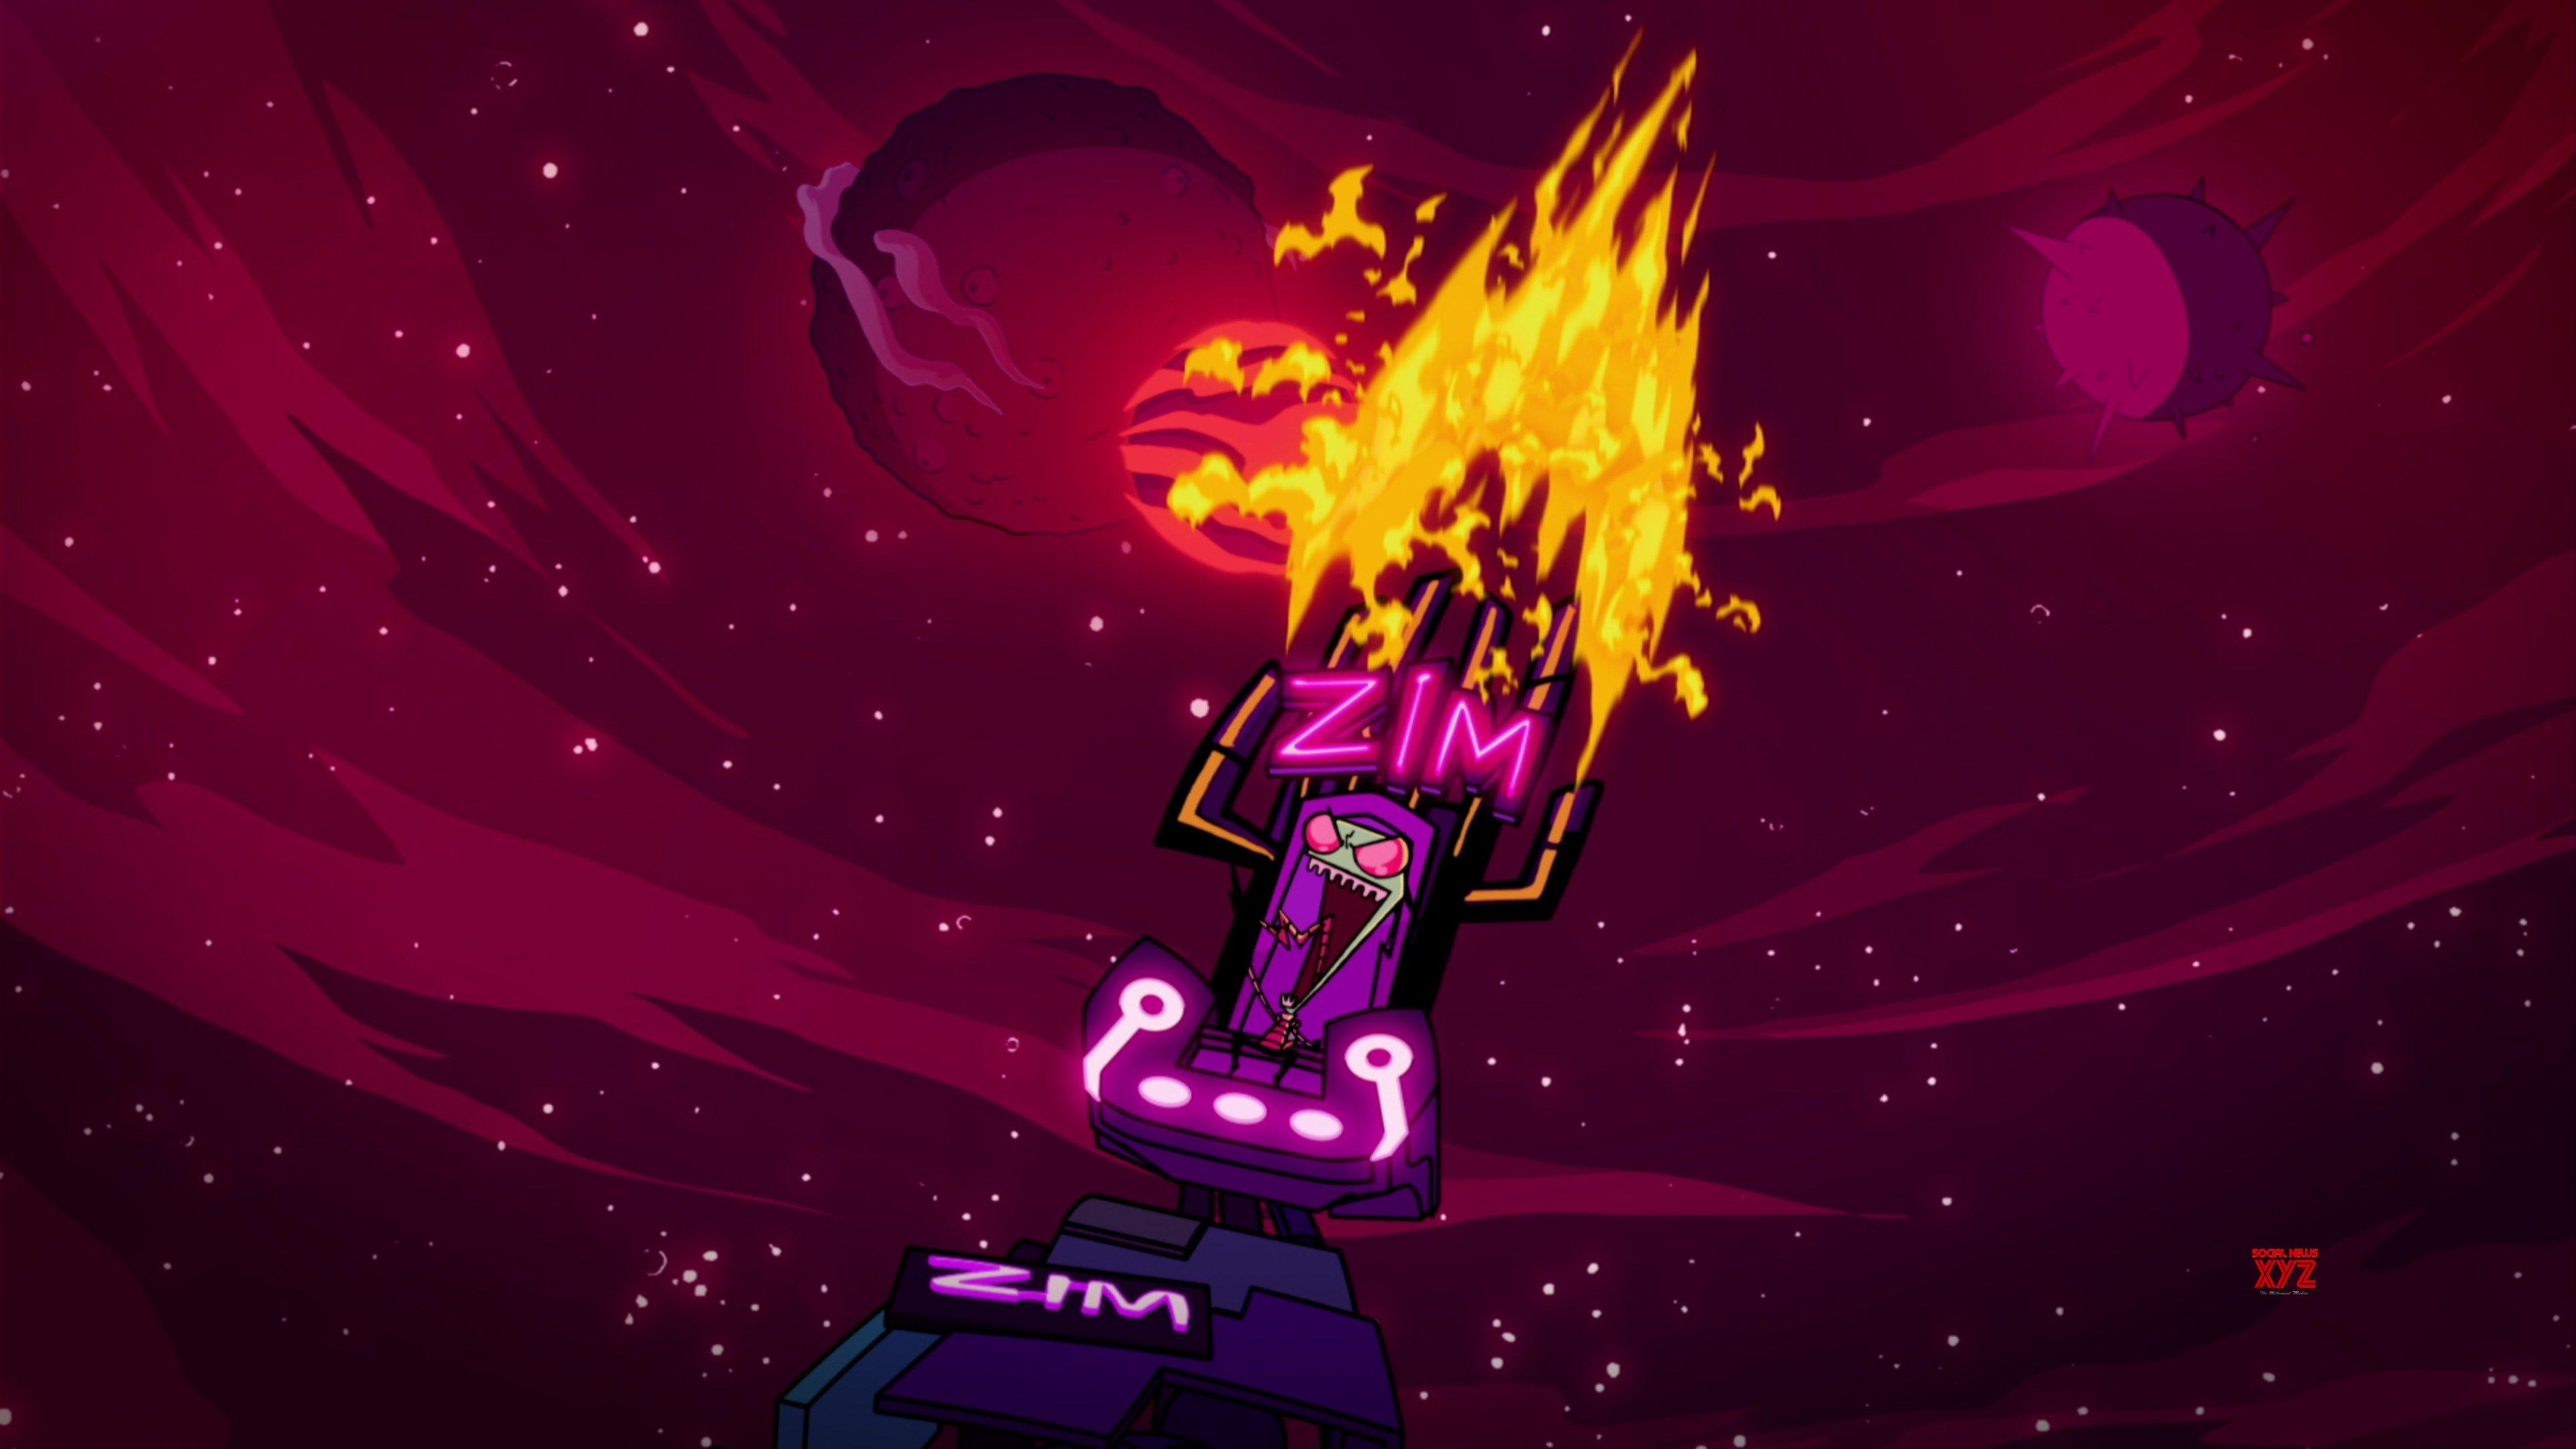 Invader Zim: Enter The Florpus Movie HD Stills